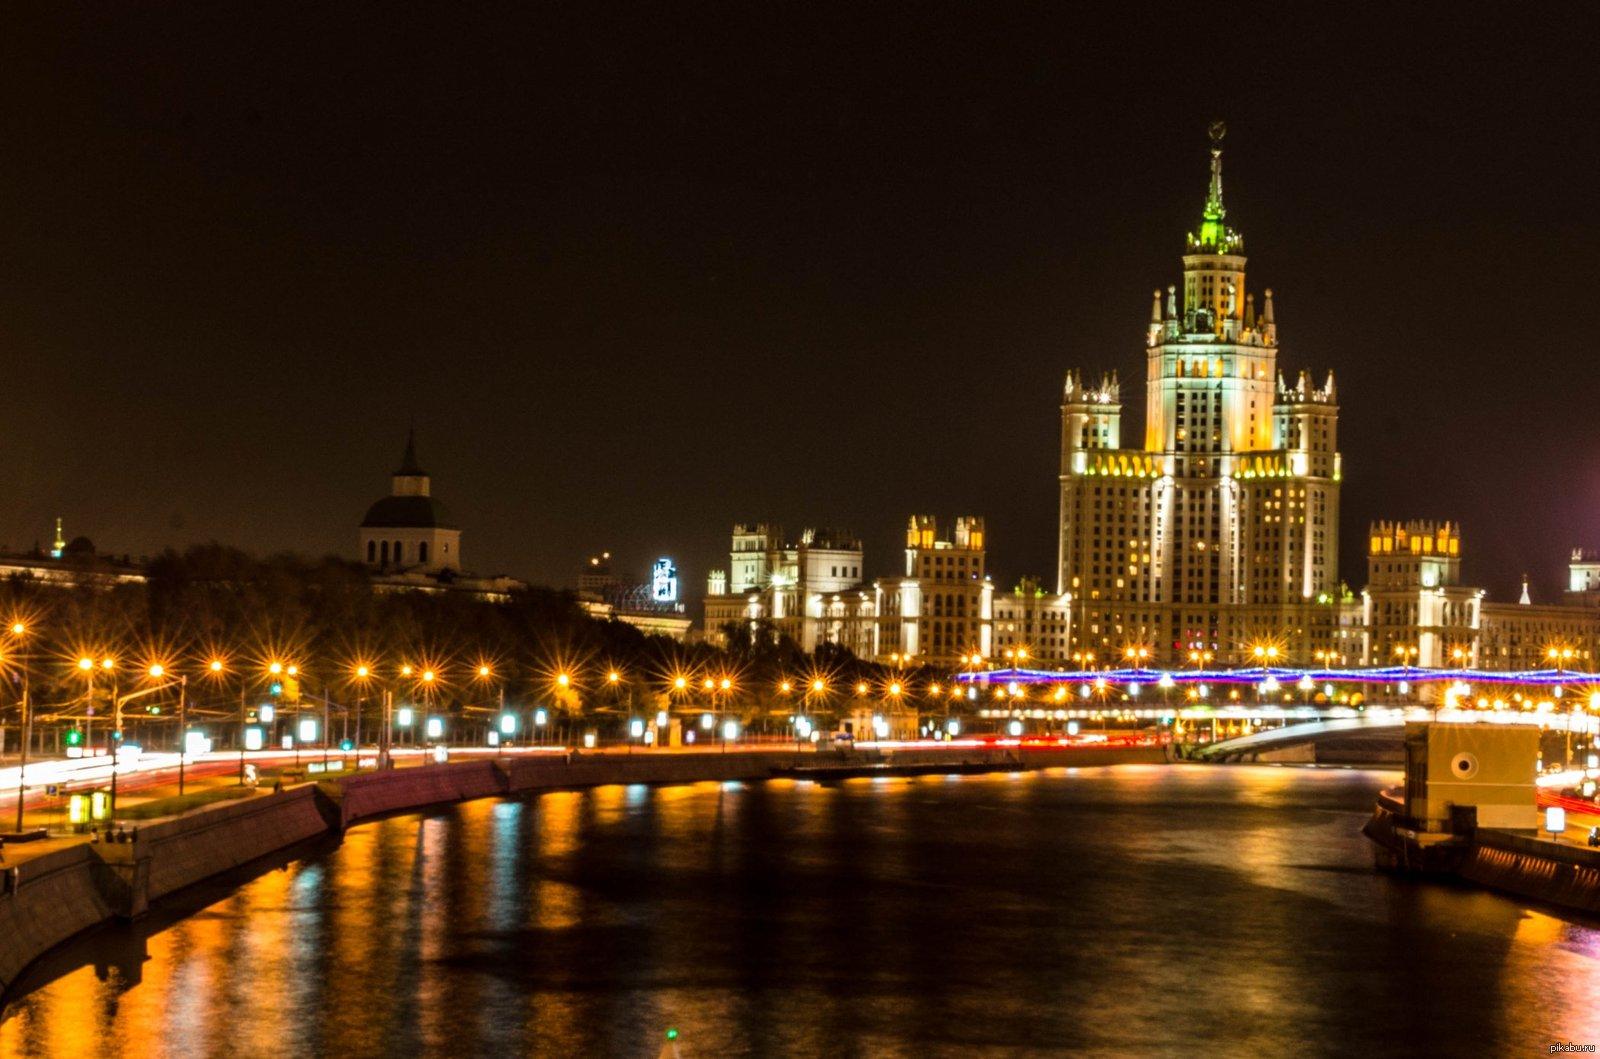 дерево огни ночной москвы фотографии село кримське луганської